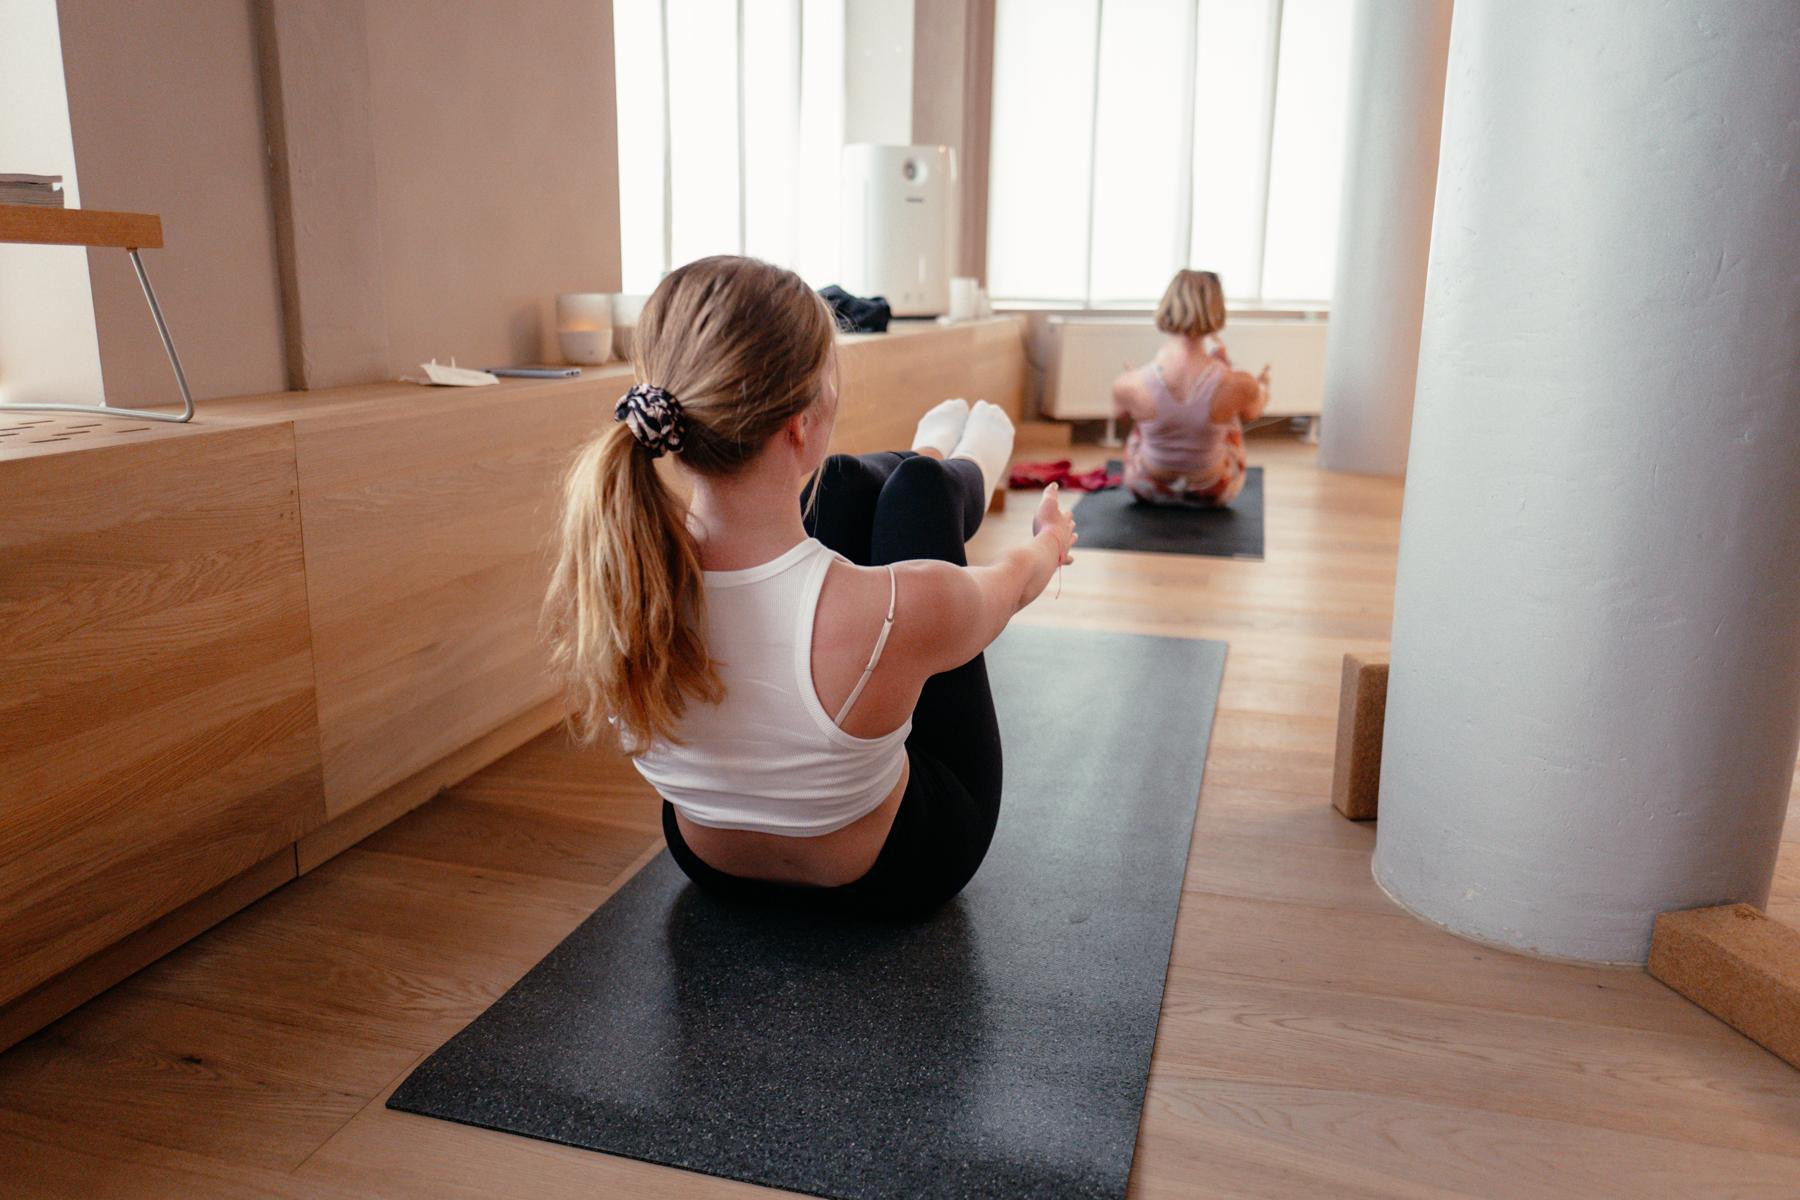 Geheimtipp Hamburg Eimsbüttel Urban Sports Club Tribe Yoga Base Frederike Höhn 022